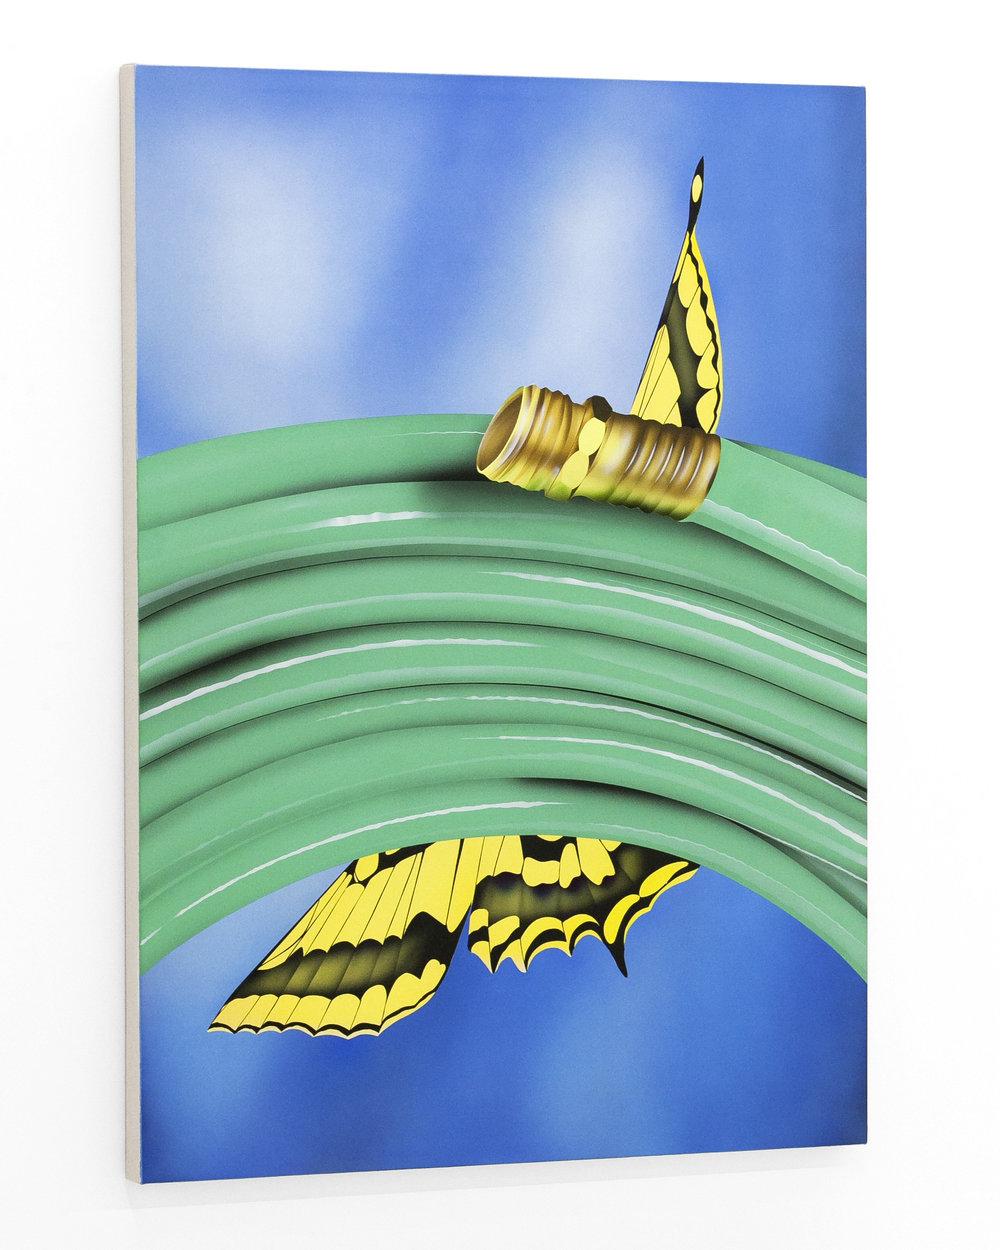 aej_butterflyhose_canvas_3.jpg